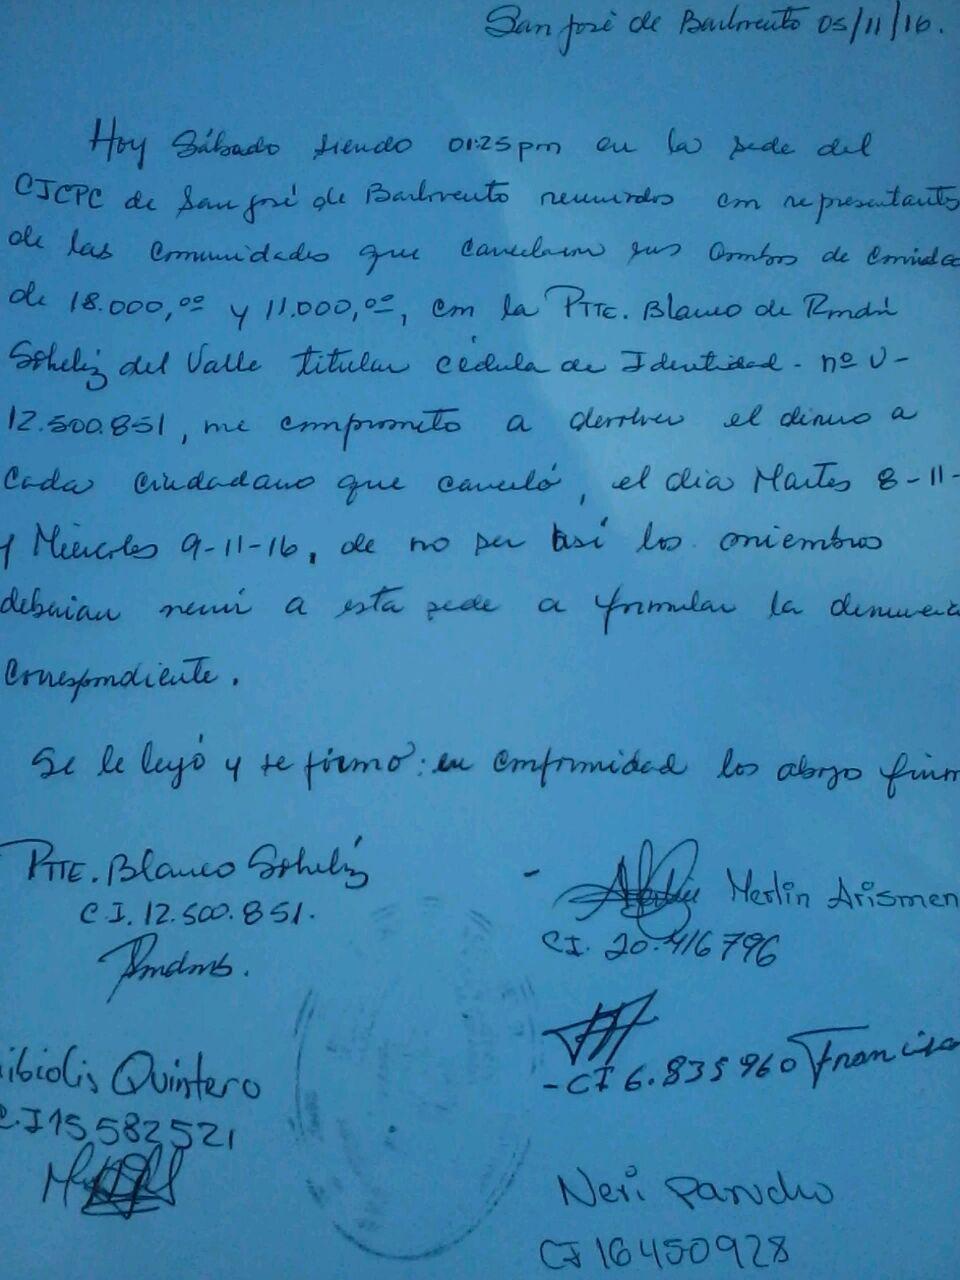 Acta compromiso suscrita por la Teniente de la Milicia en la sede del CICPC de San Jose de Río Chico